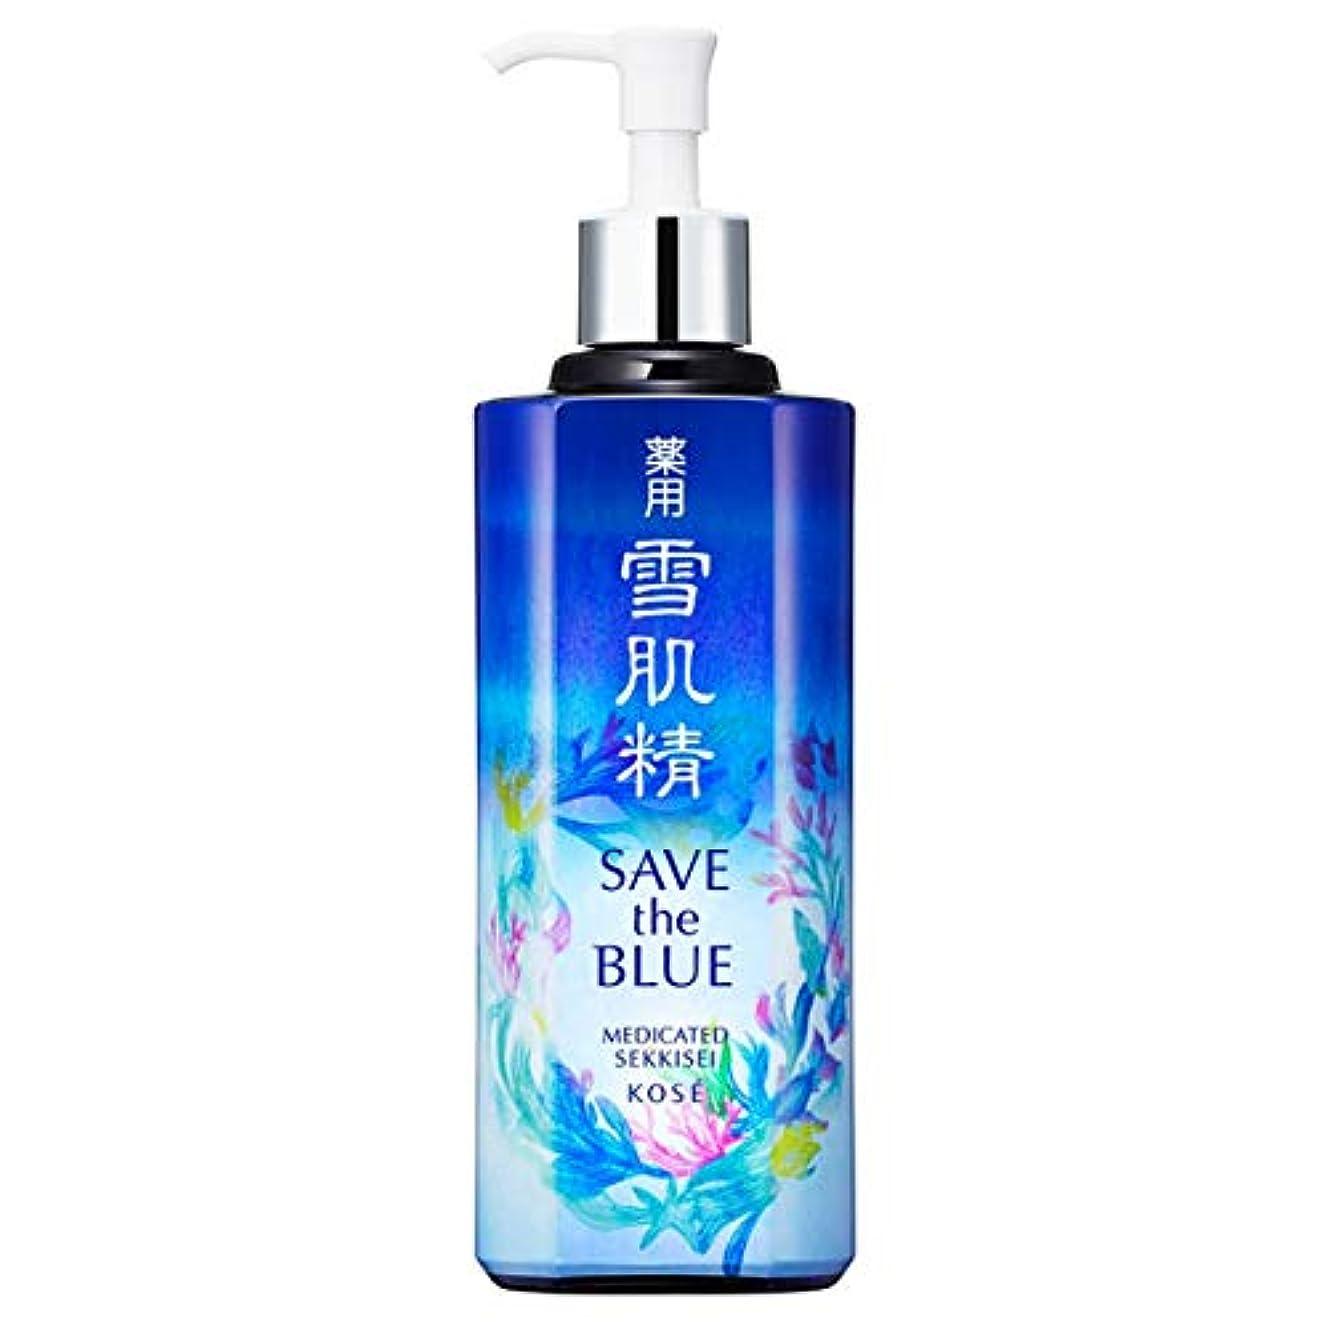 かんがい水分カフェコーセー 雪肌精 化粧水 「SAVE the BLUE」デザインボトル(みずみずしいタイプ) 500ml【限定】